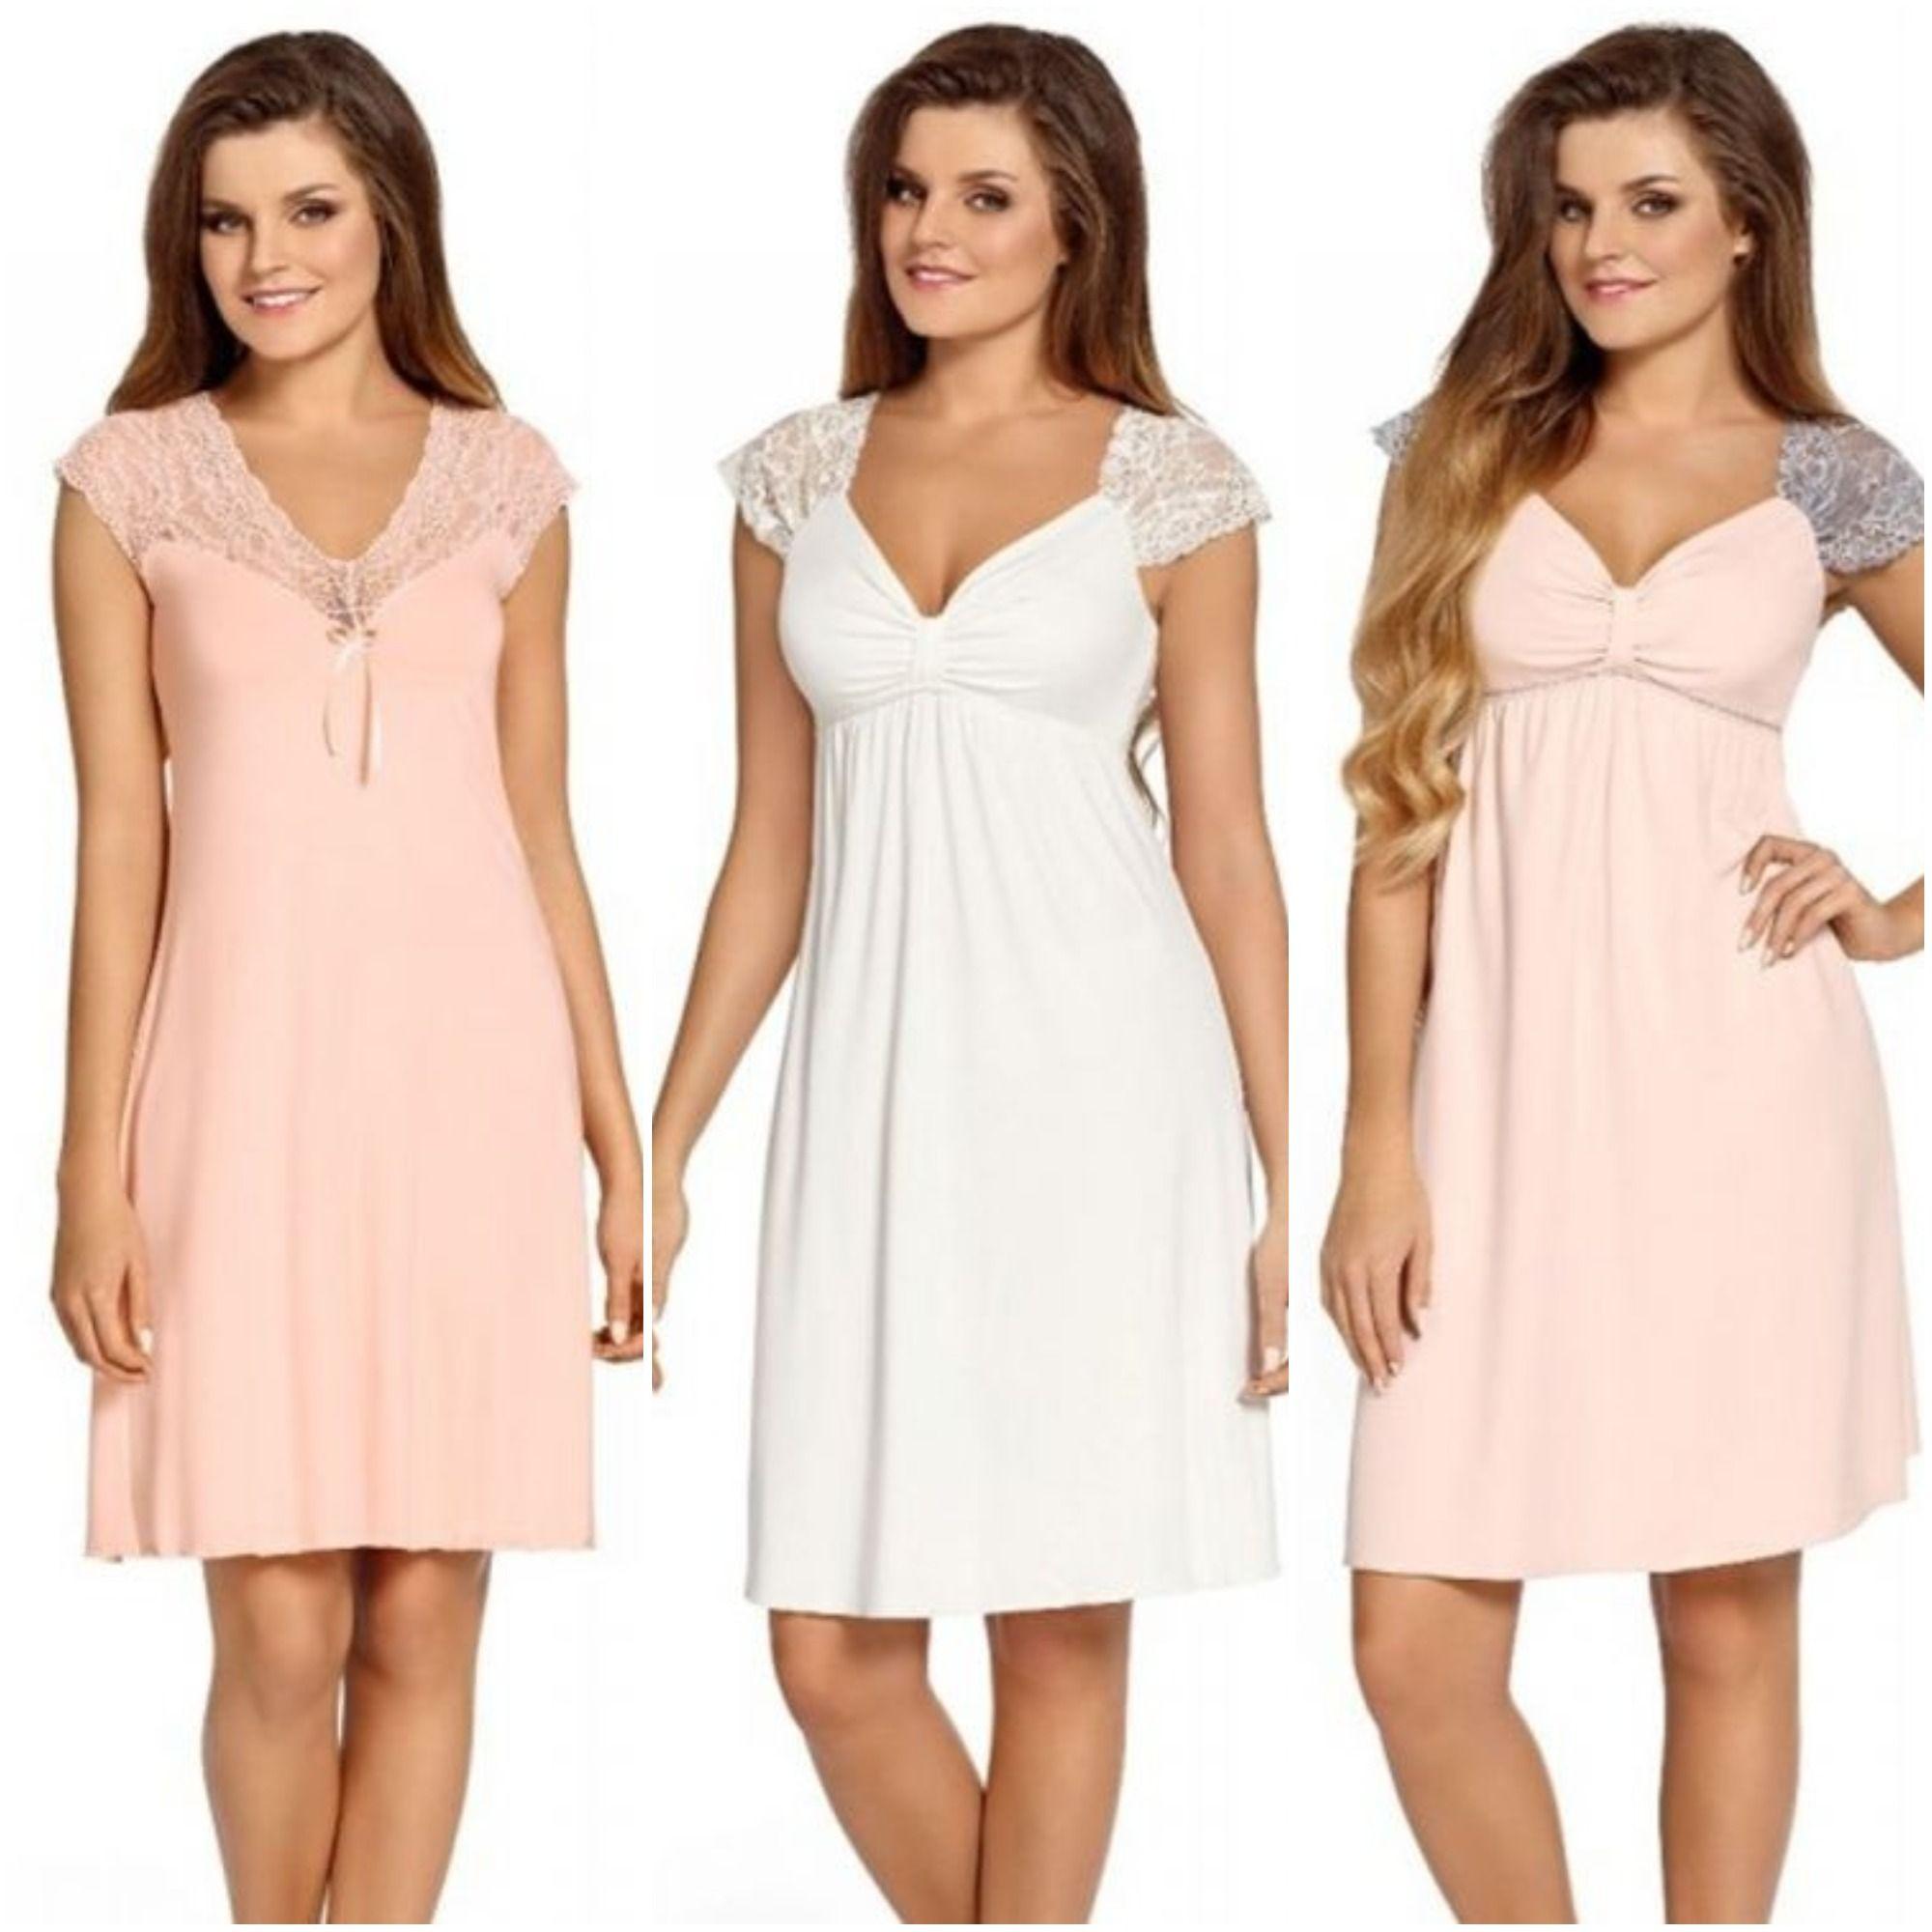 2b83585fc88b03e Женские ночные сорочки - новые модели Federica и Loretta от ТМ  Babella💝💫🌷 #